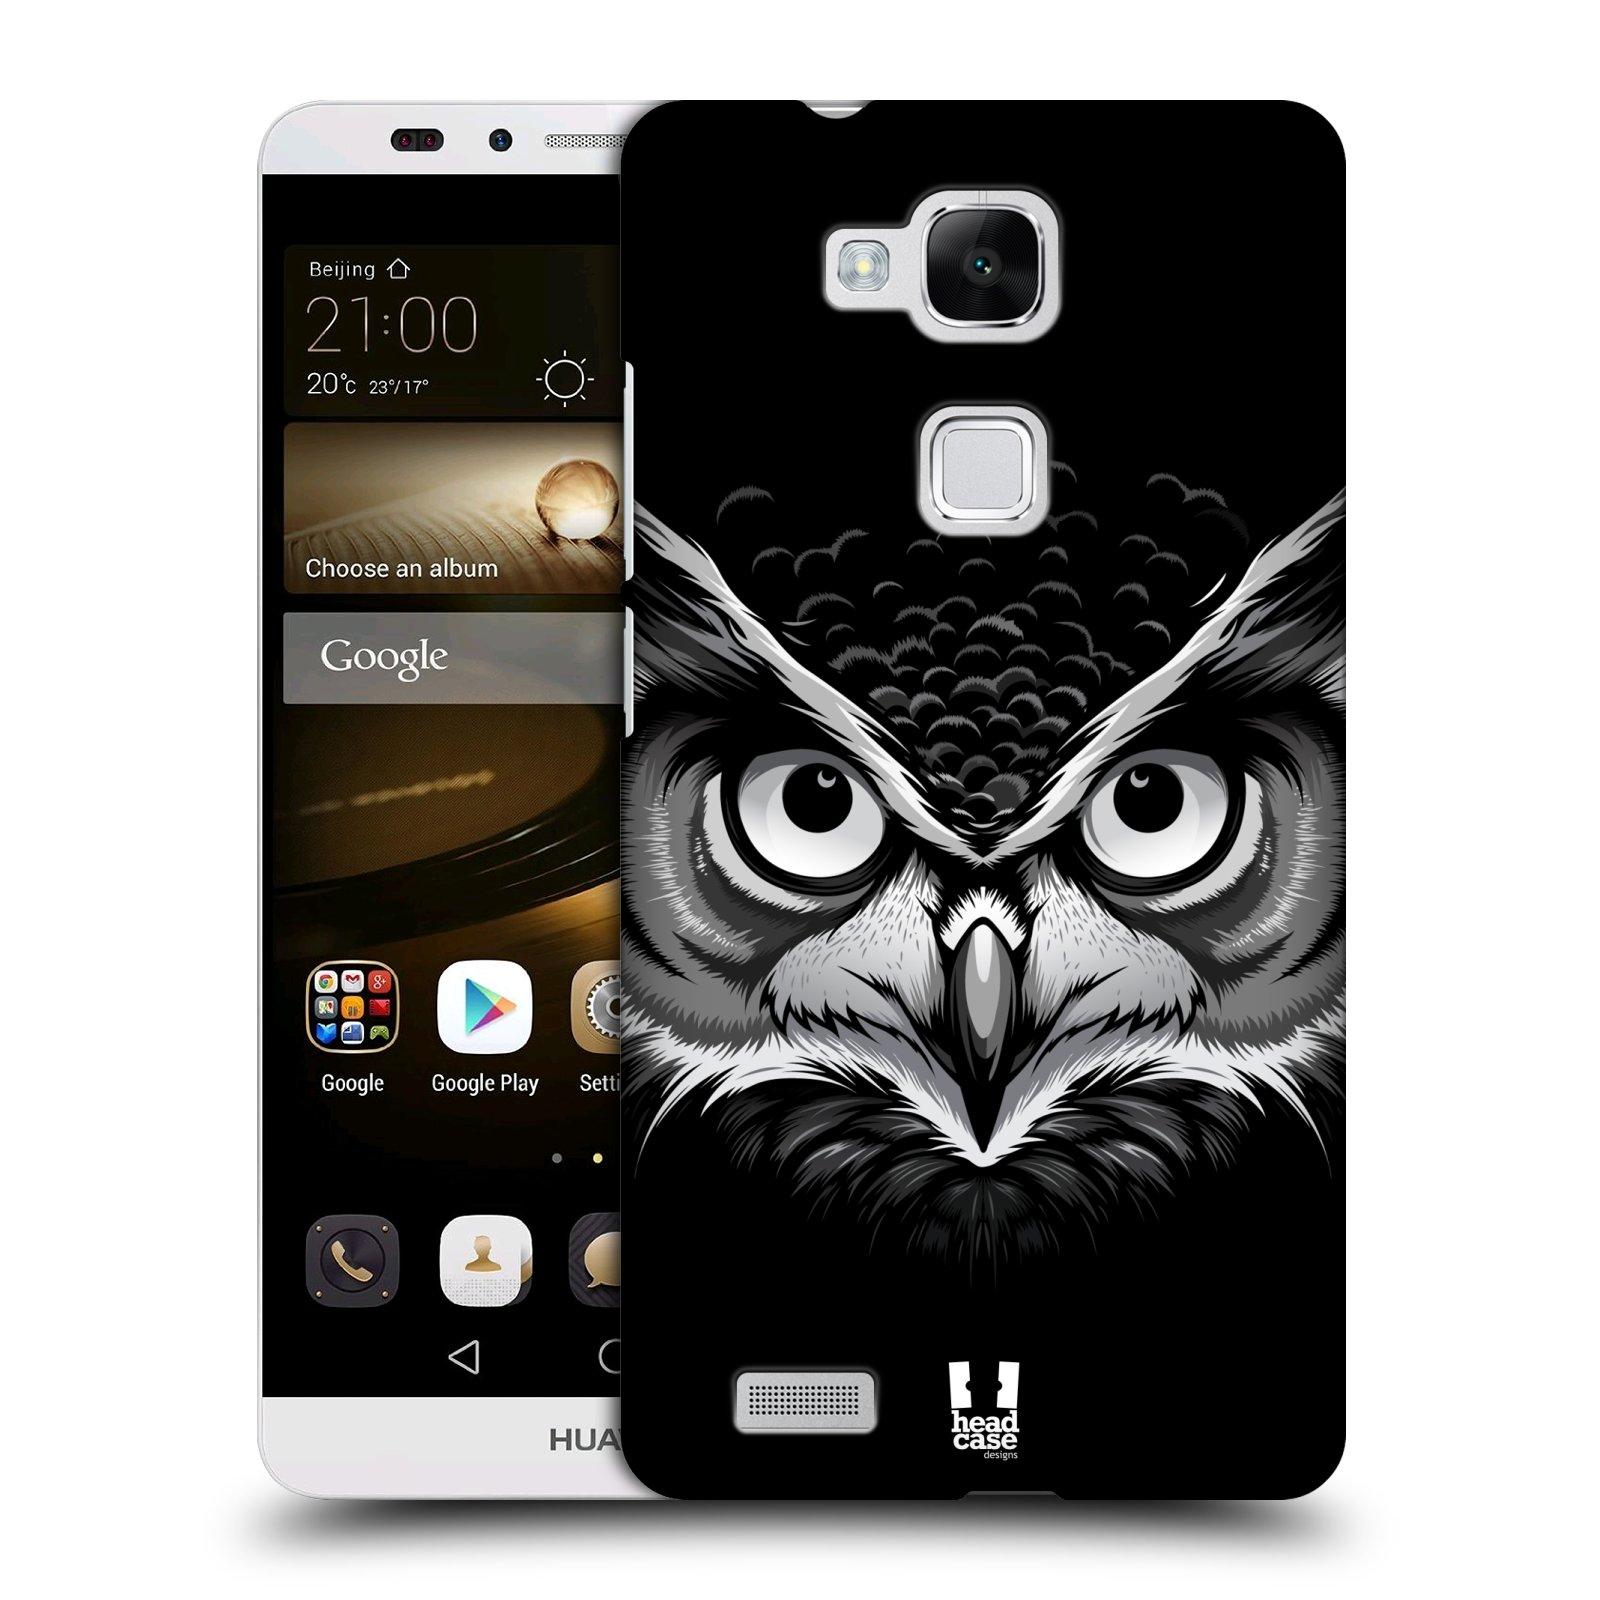 Plastové pouzdro na mobil Huawei Ascend Mate 7 HEAD CASE ILUSTROVANÁ SOVA (Kryt či obal na mobilní telefon Huawei Ascend Mate7)